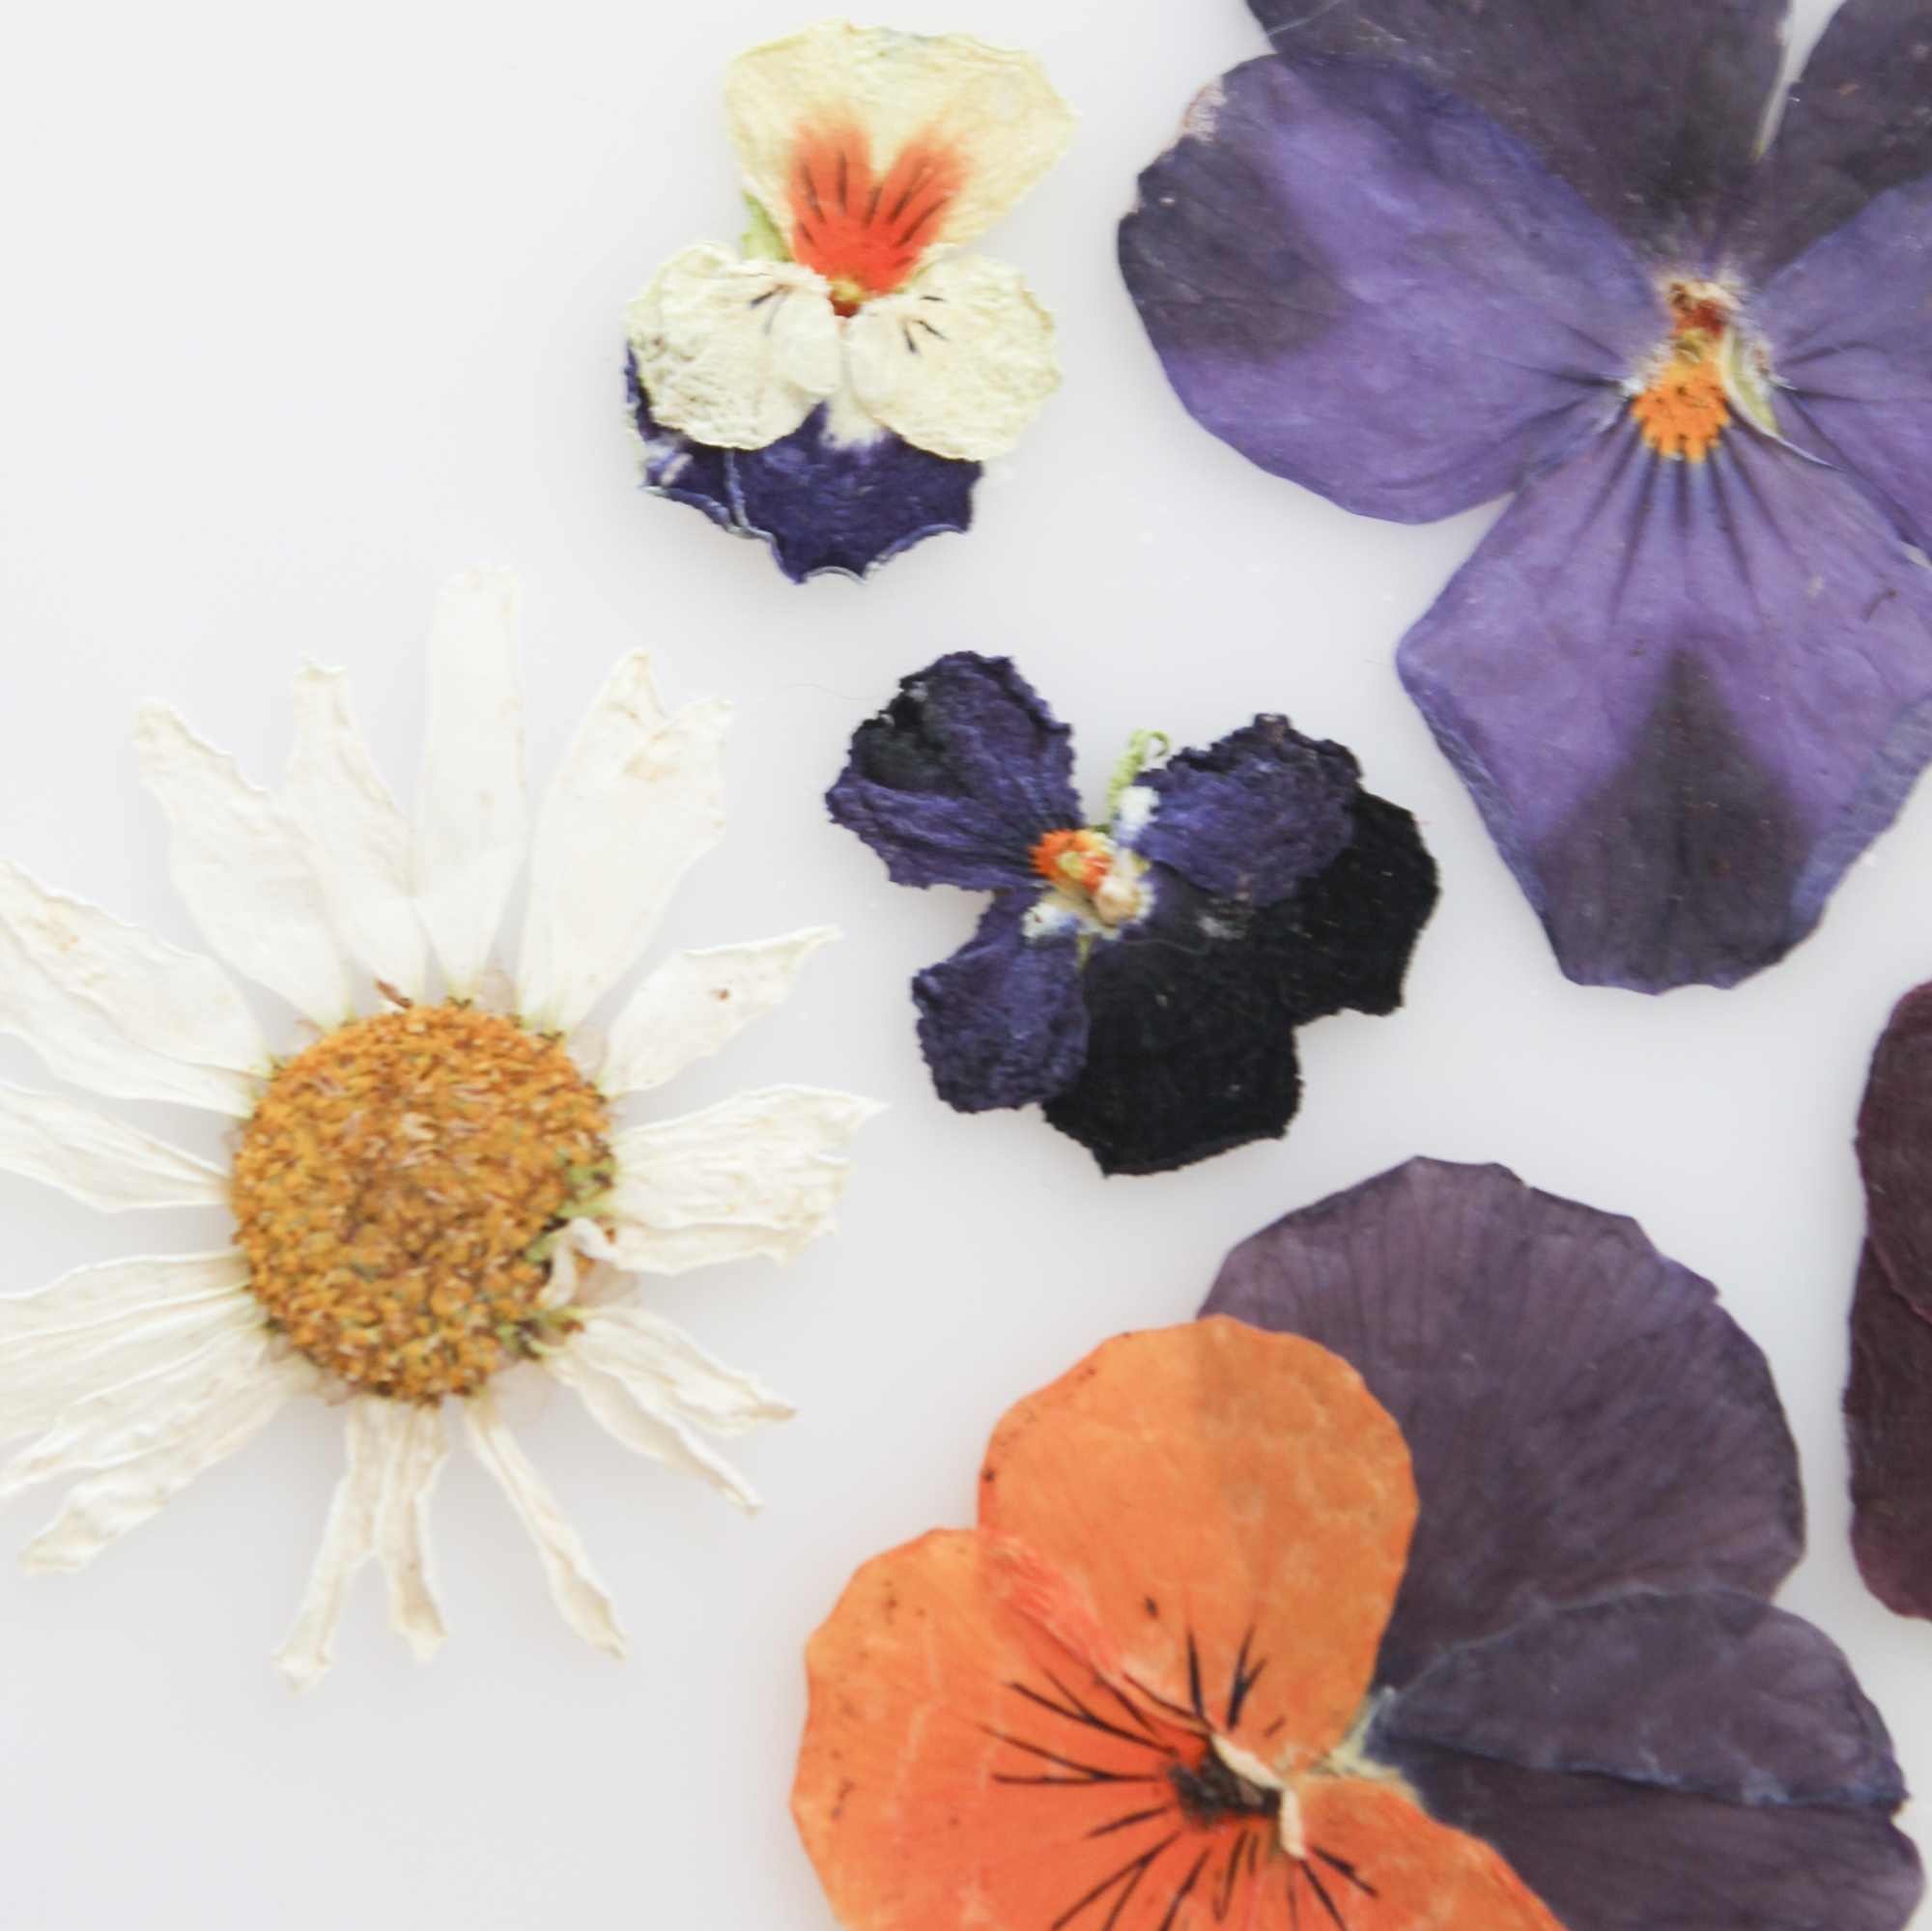 יצירות פרחים (ספר וערכה)